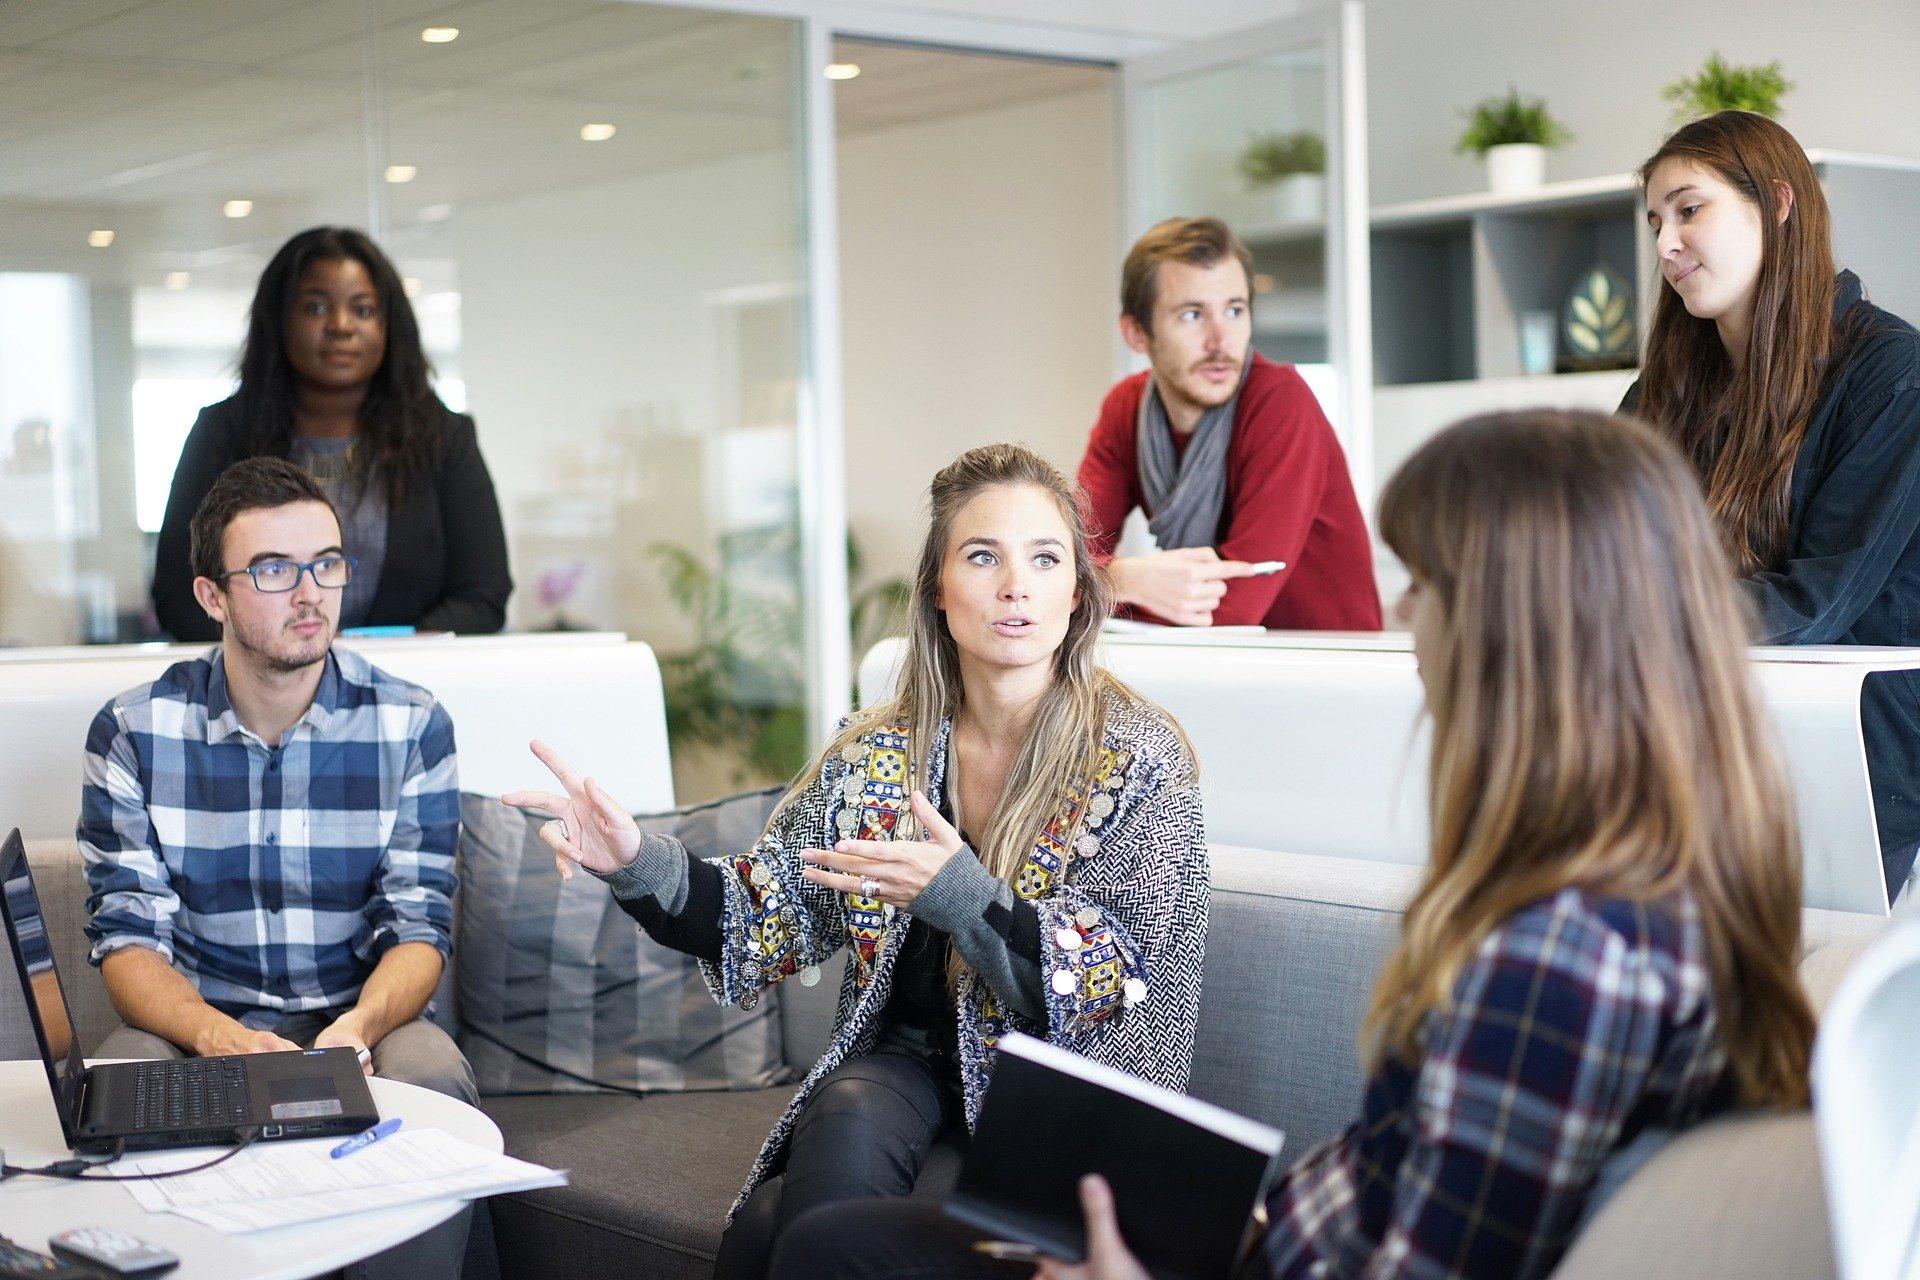 La relevancia de las personas en las organizaciones